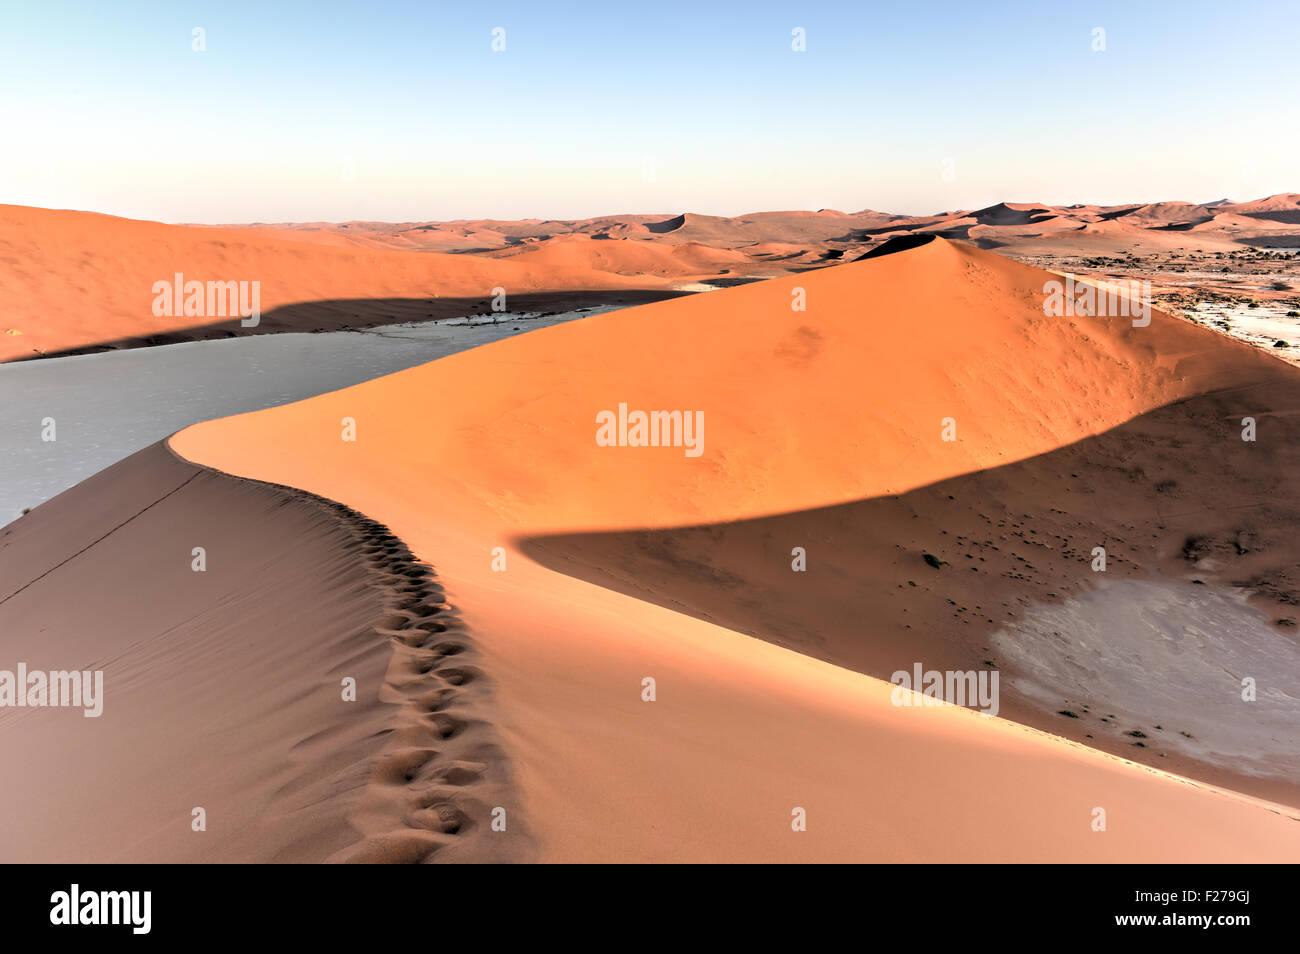 Sossusvlei (manchmal geschrieben Sossus Vlei) ist ein Salz und Ton Pan, umgeben von hohen roten Dünen, befindet sich im südlichen Teil des Stockfoto